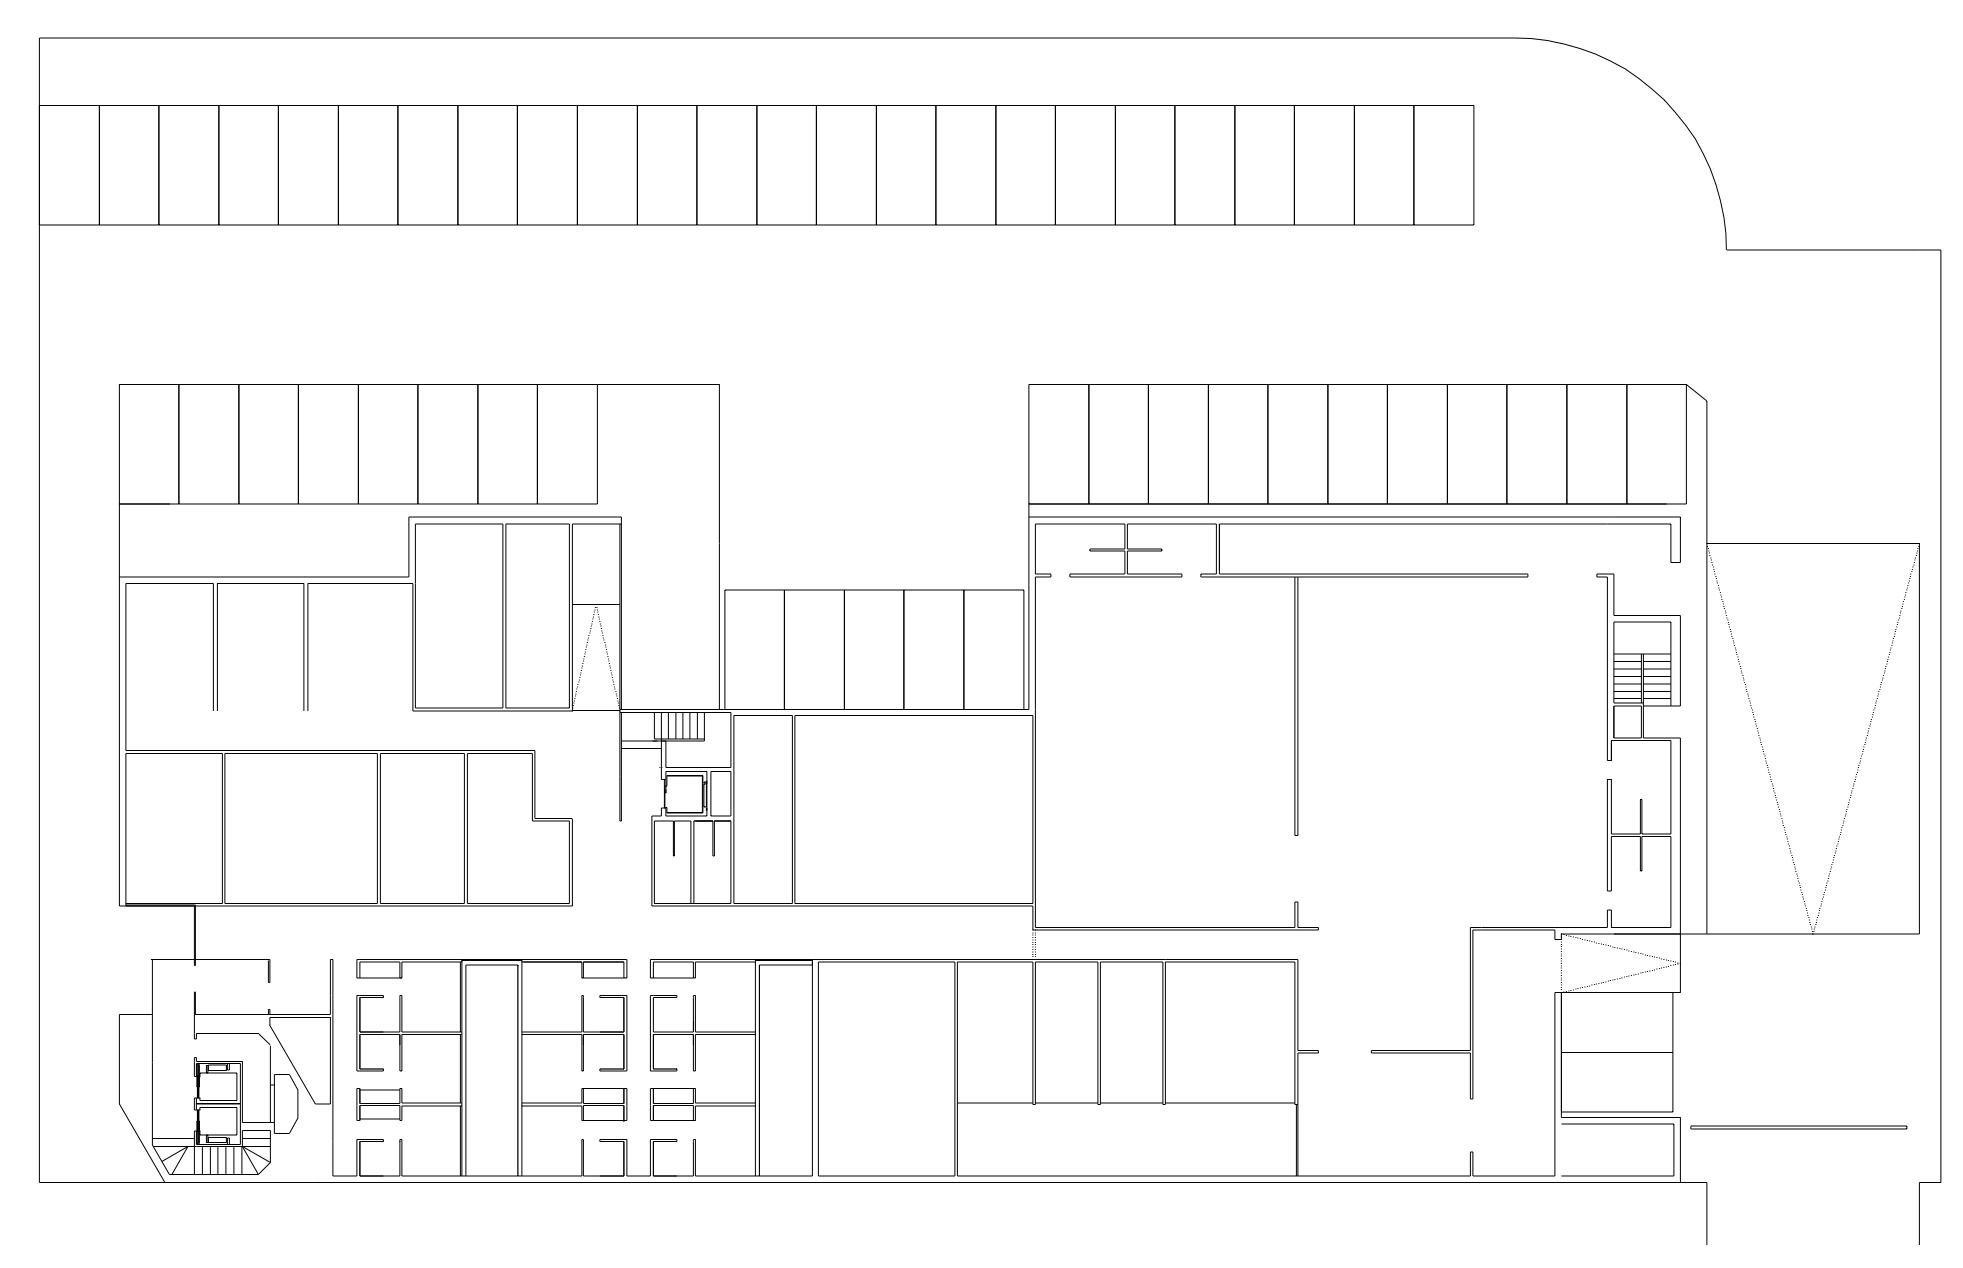 Concurso para la nueva torre y centro de control del Área Terminal de Galicia | Imagen de proyecto3